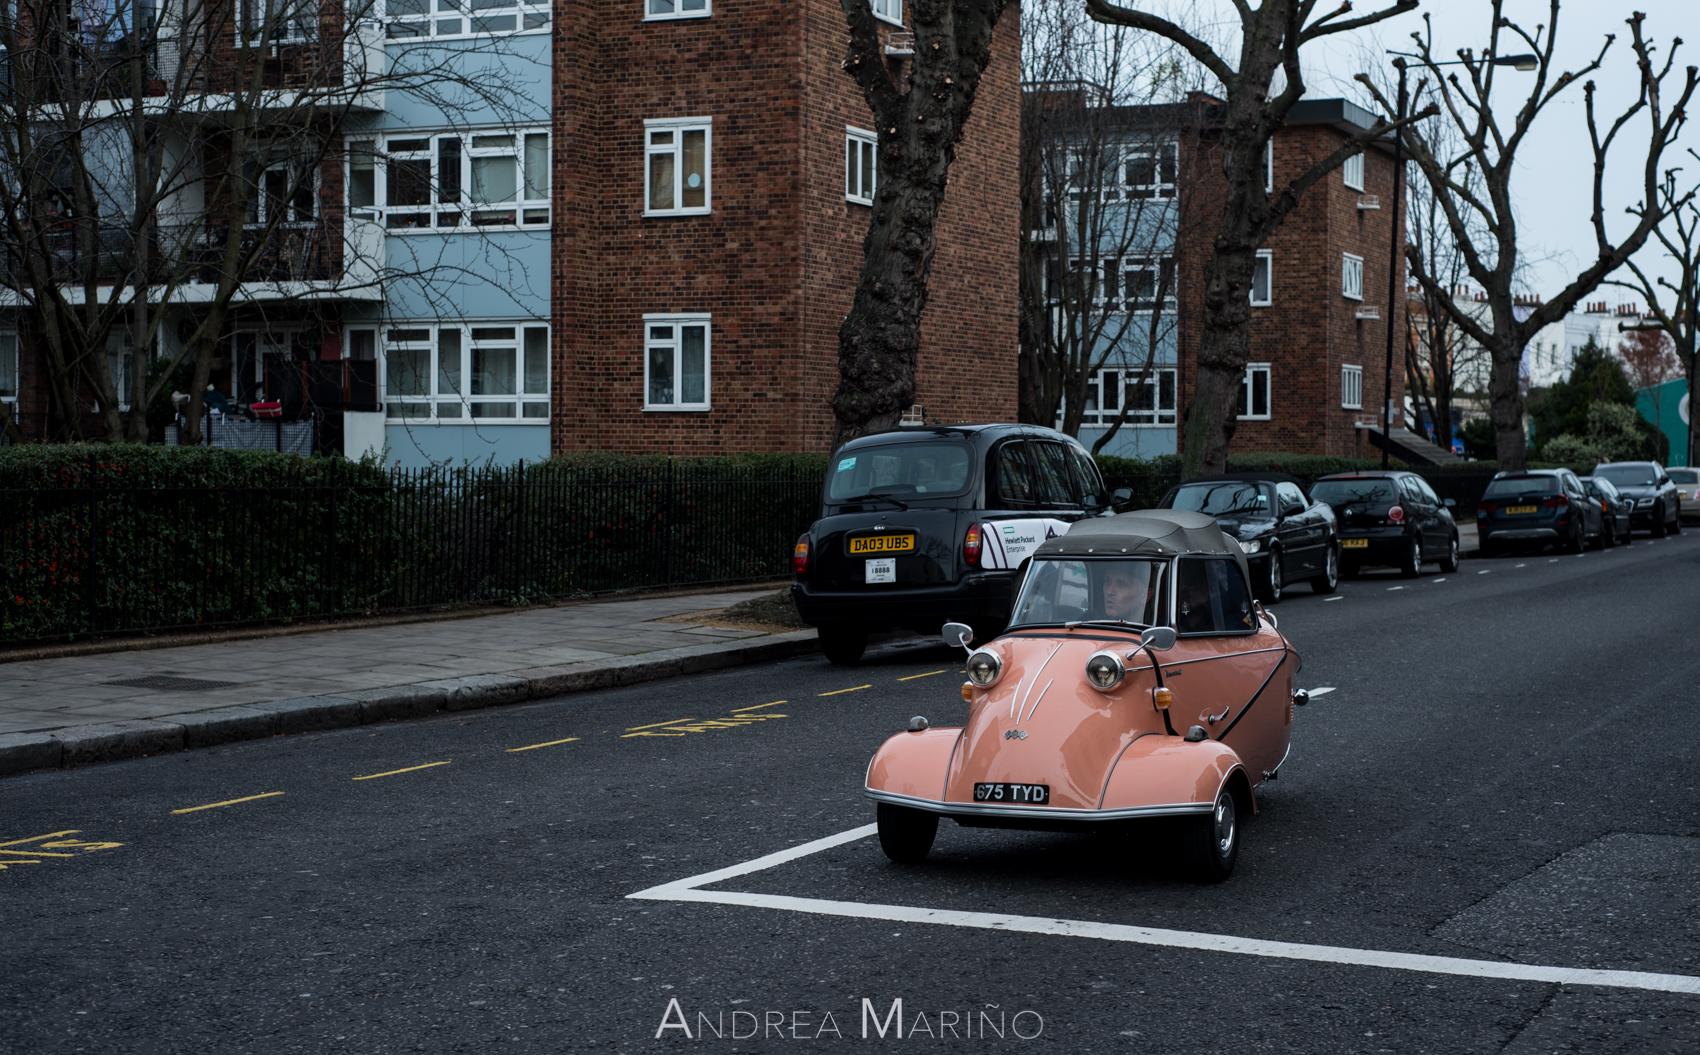 Andrea Mariño. Londres cousiñas. 2016